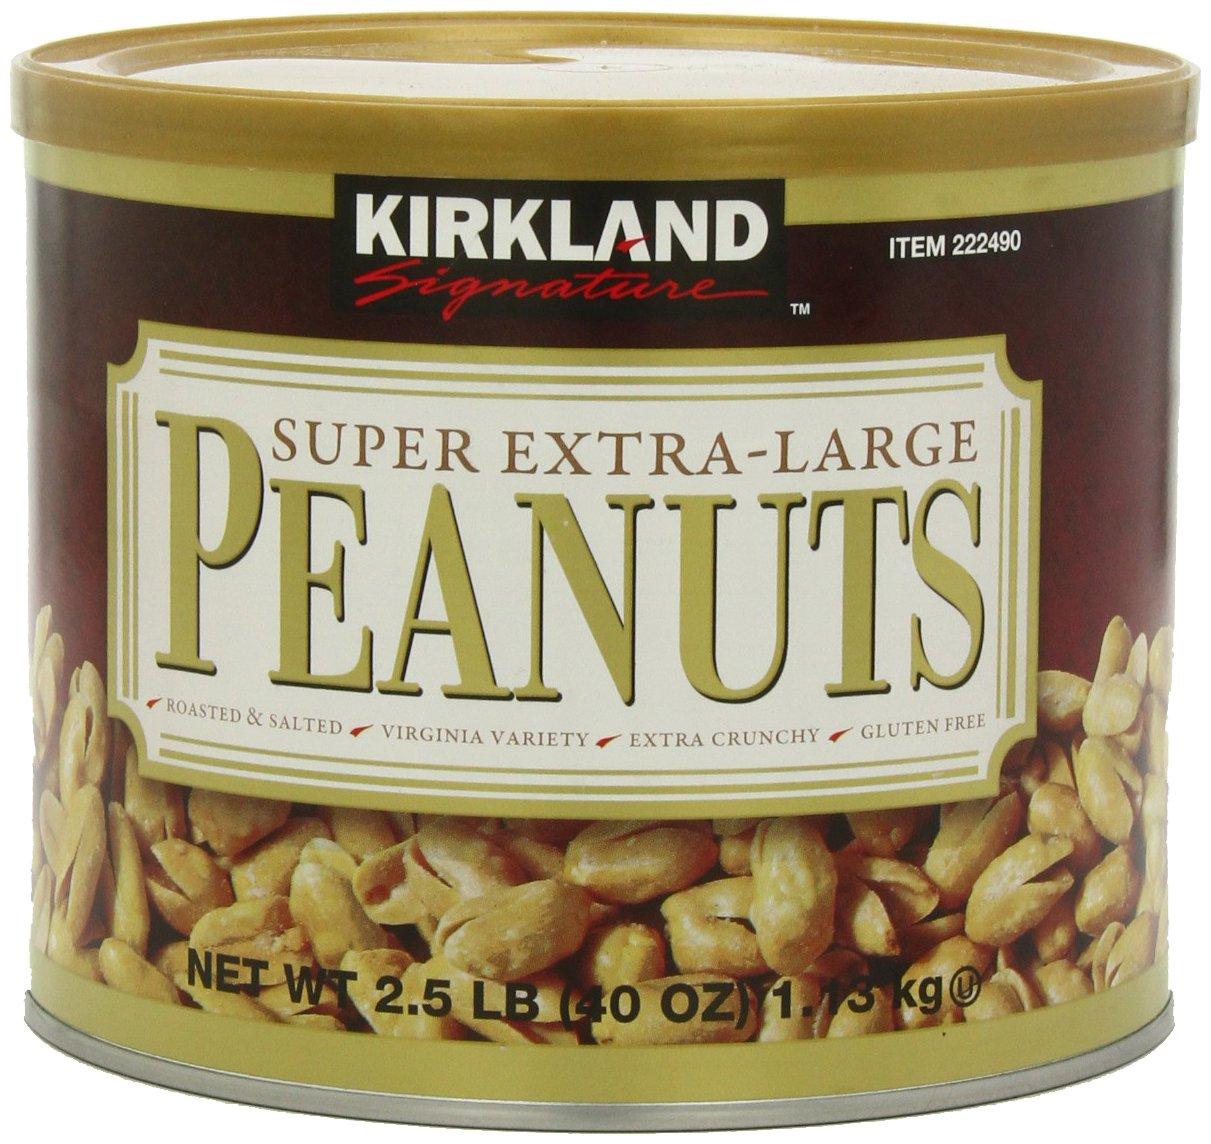 Kirkland Signature Super XL VA Peanuts, 40 Ounce by Kirkland